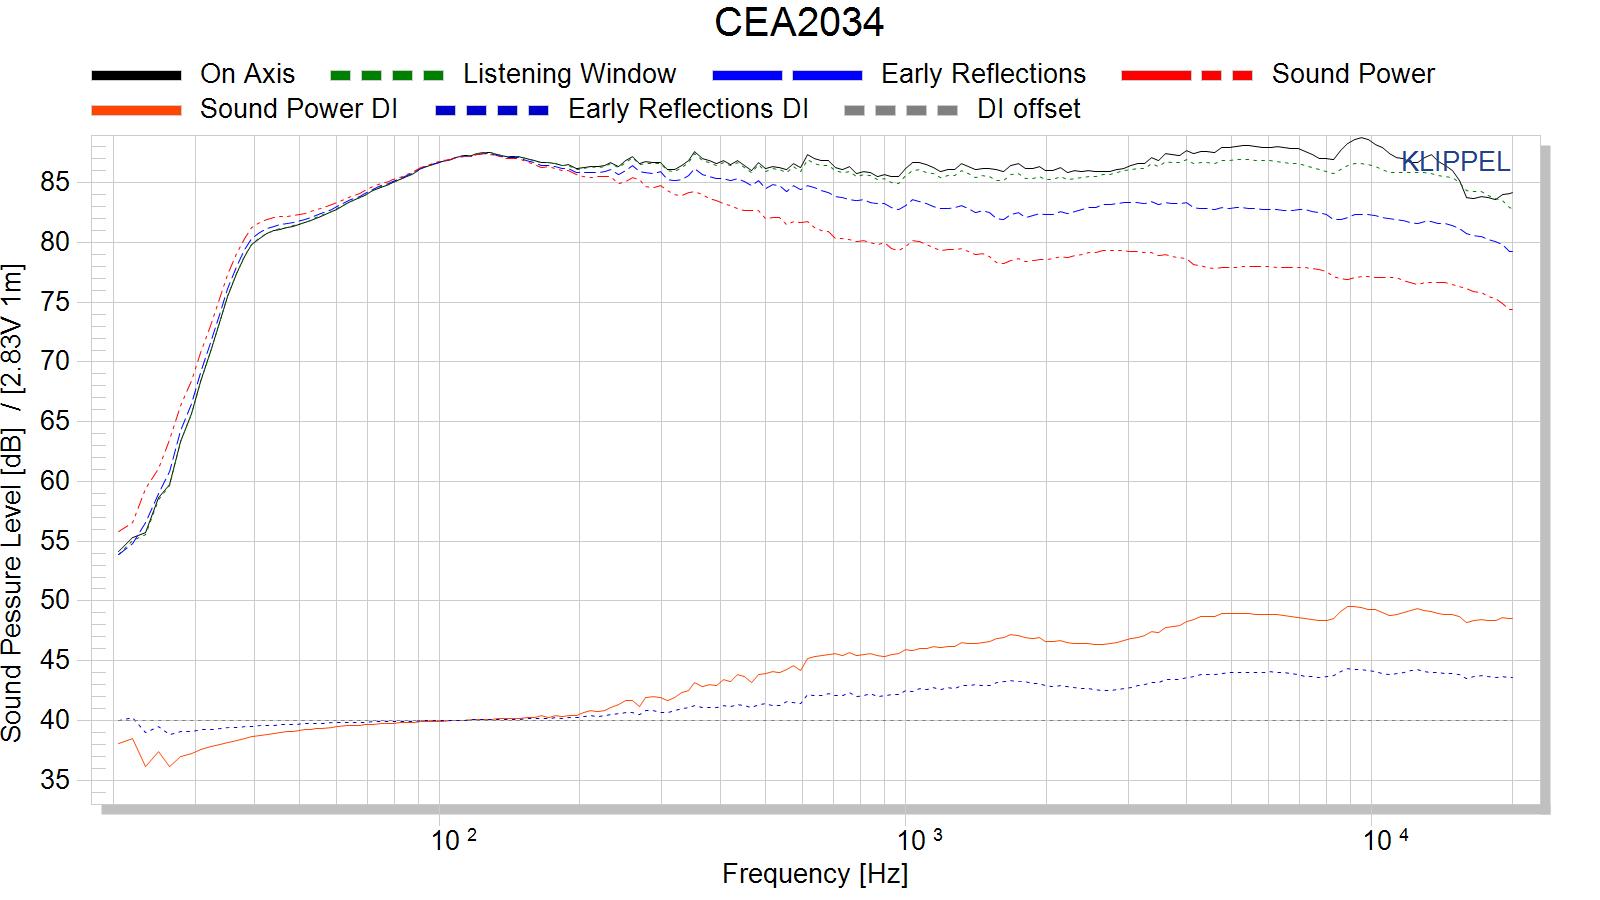 CEA2034_1_20_octave_1.43Hz.png